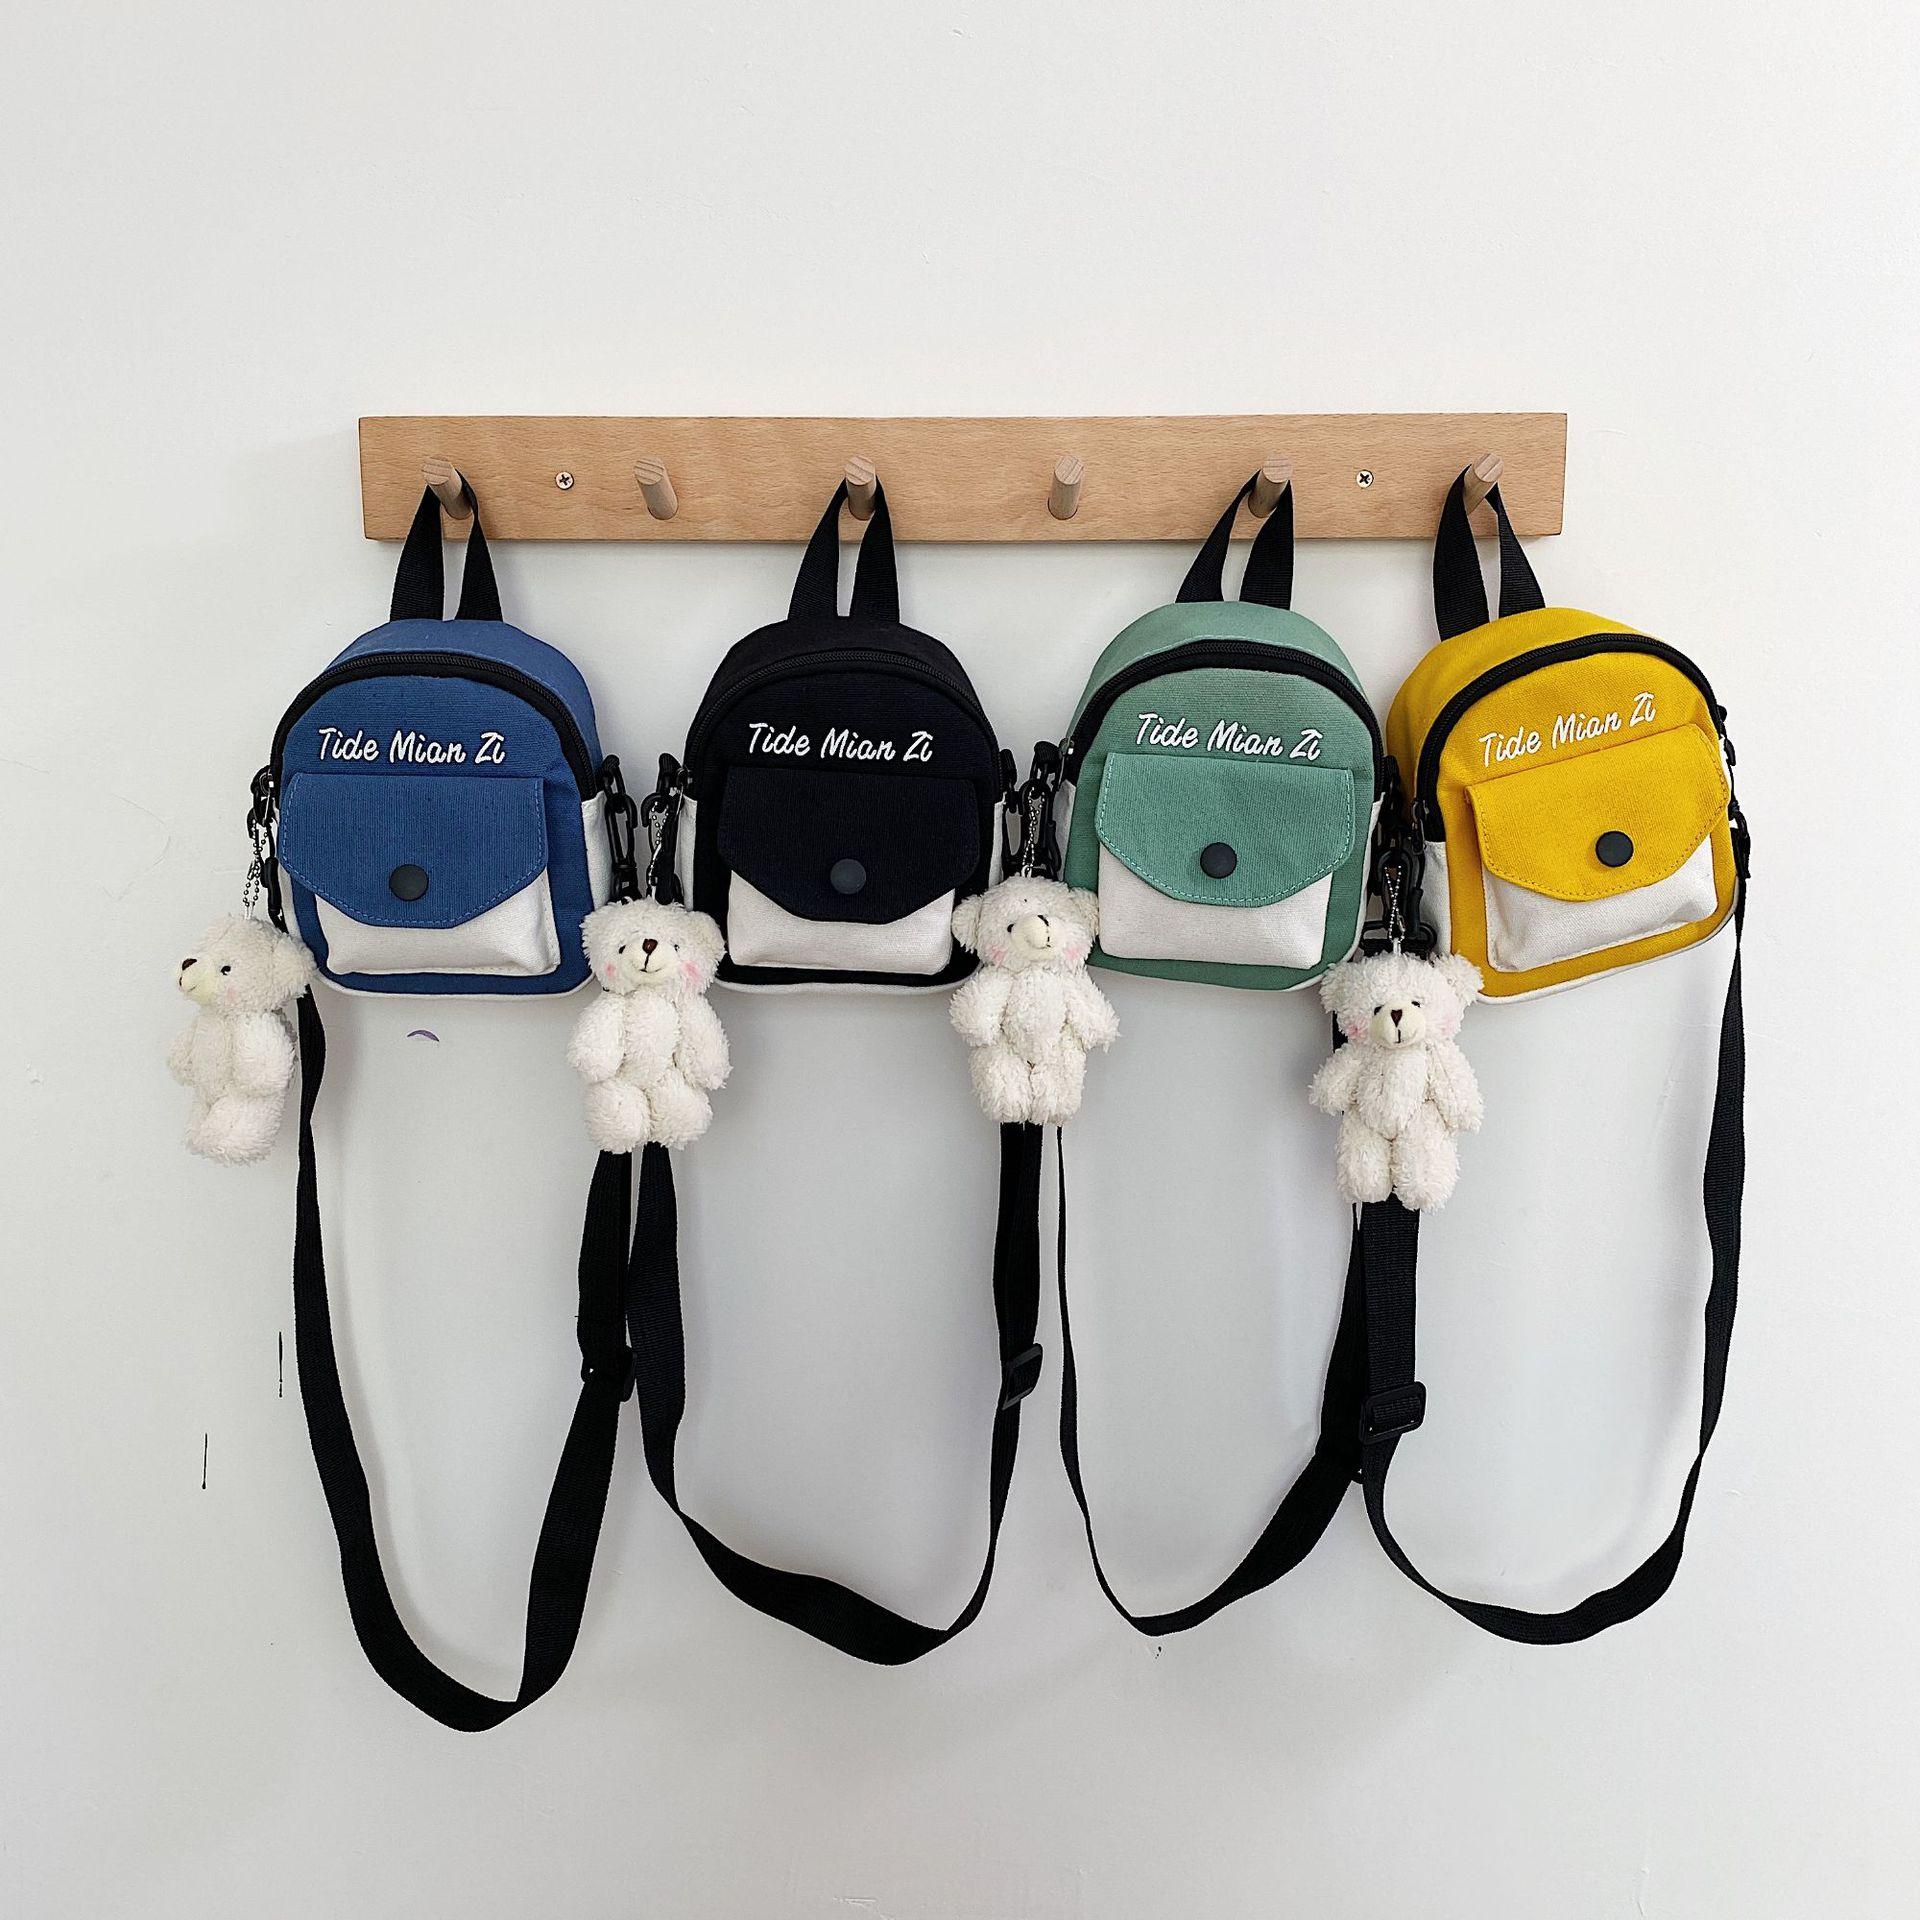 2020 الشتاء الجديدة حقيبة قماش اليابانية الإضافية اللون ضرب حقيبة صغيرة جرلي الرعوية الأدبية الصغيرة الطازجة ستايجلايت